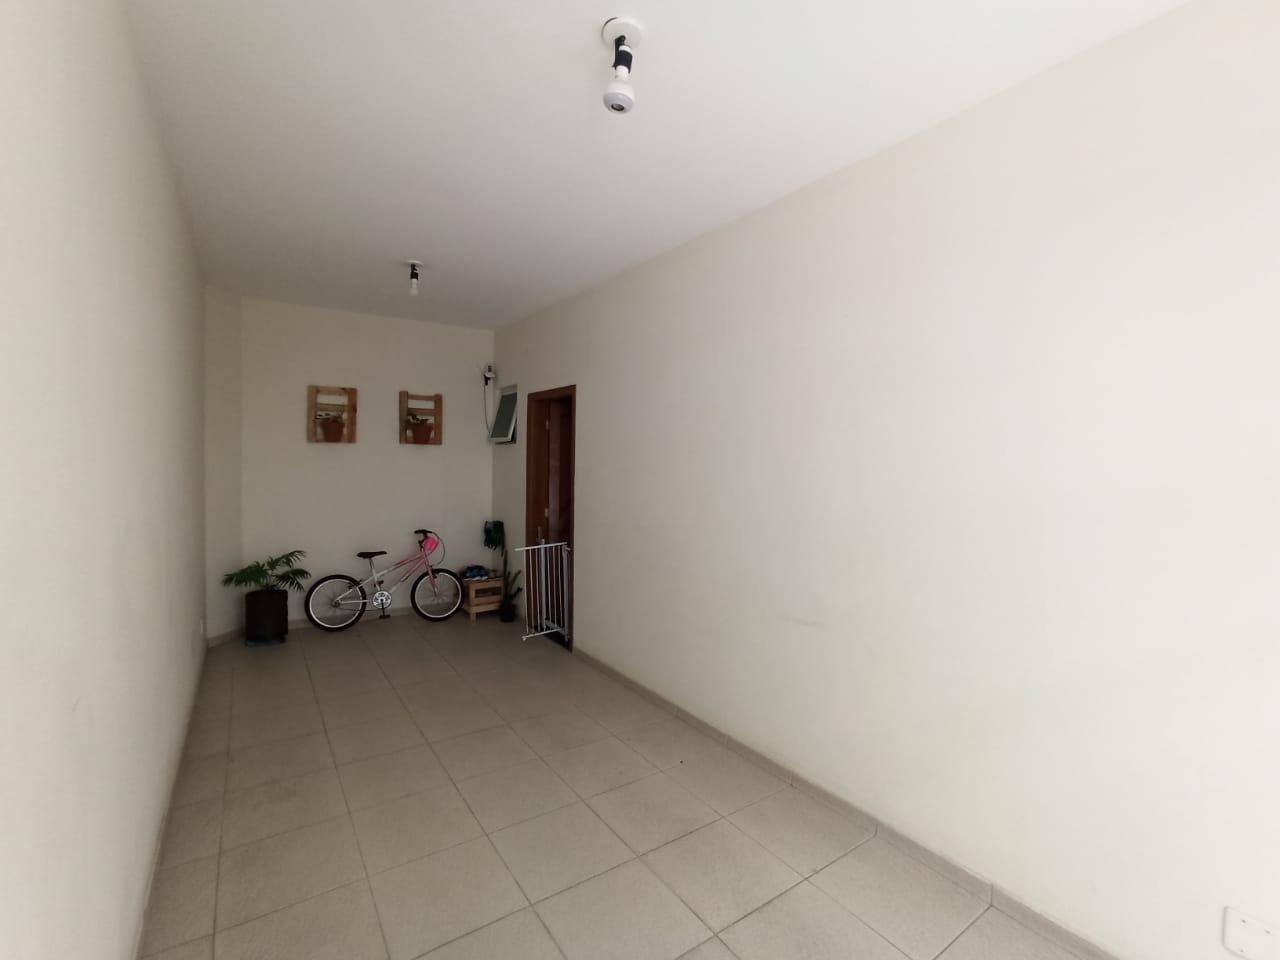 Casa com 3 quartos, sendo um suíte, sala 2 ambientes, três banheiros e duas vagas de garagem. - foto 11